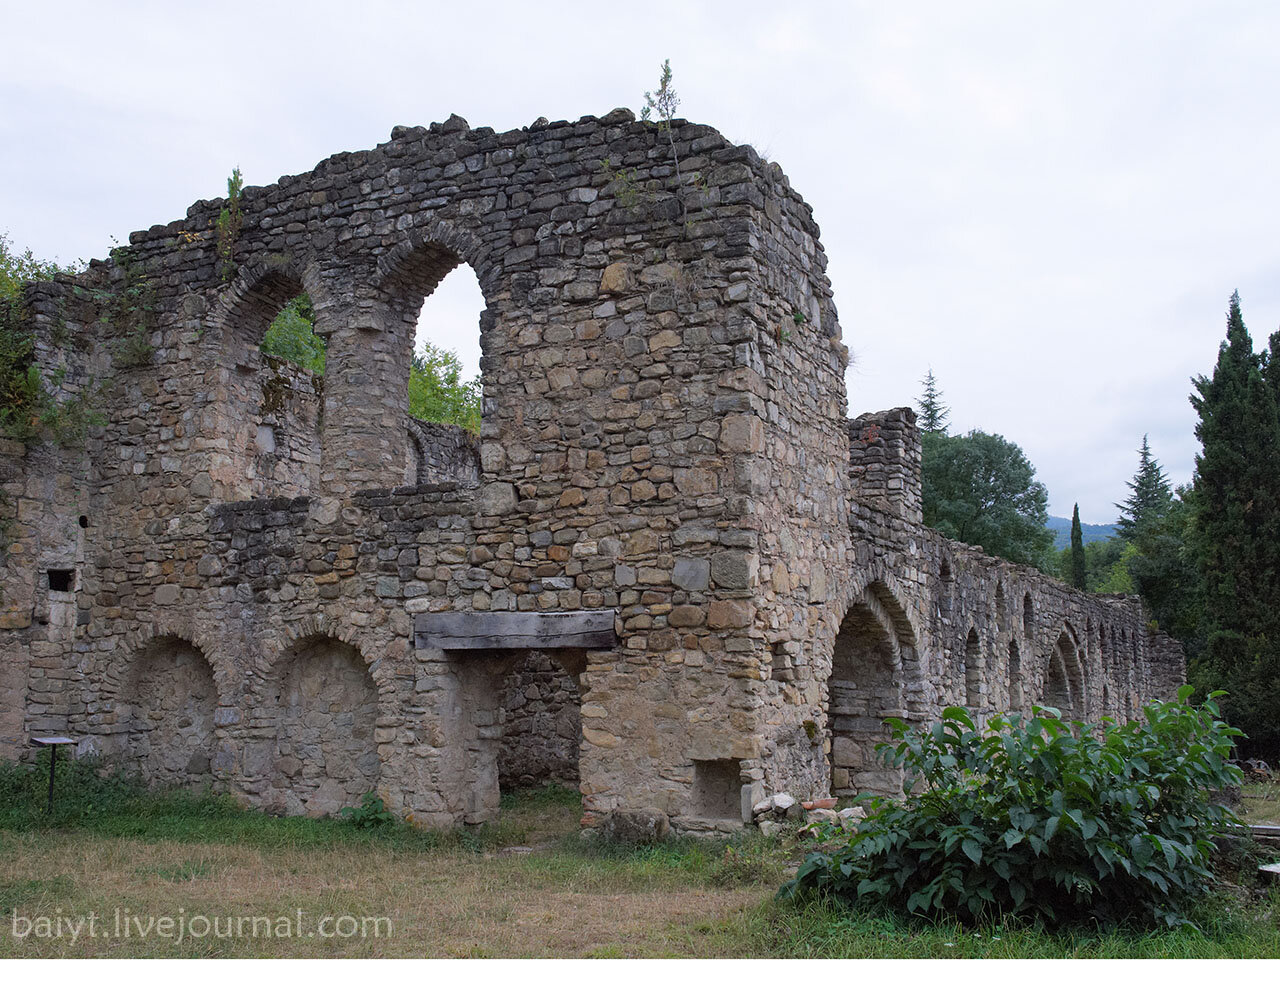 Руины академии в монастыре Икалто. Общий вид.